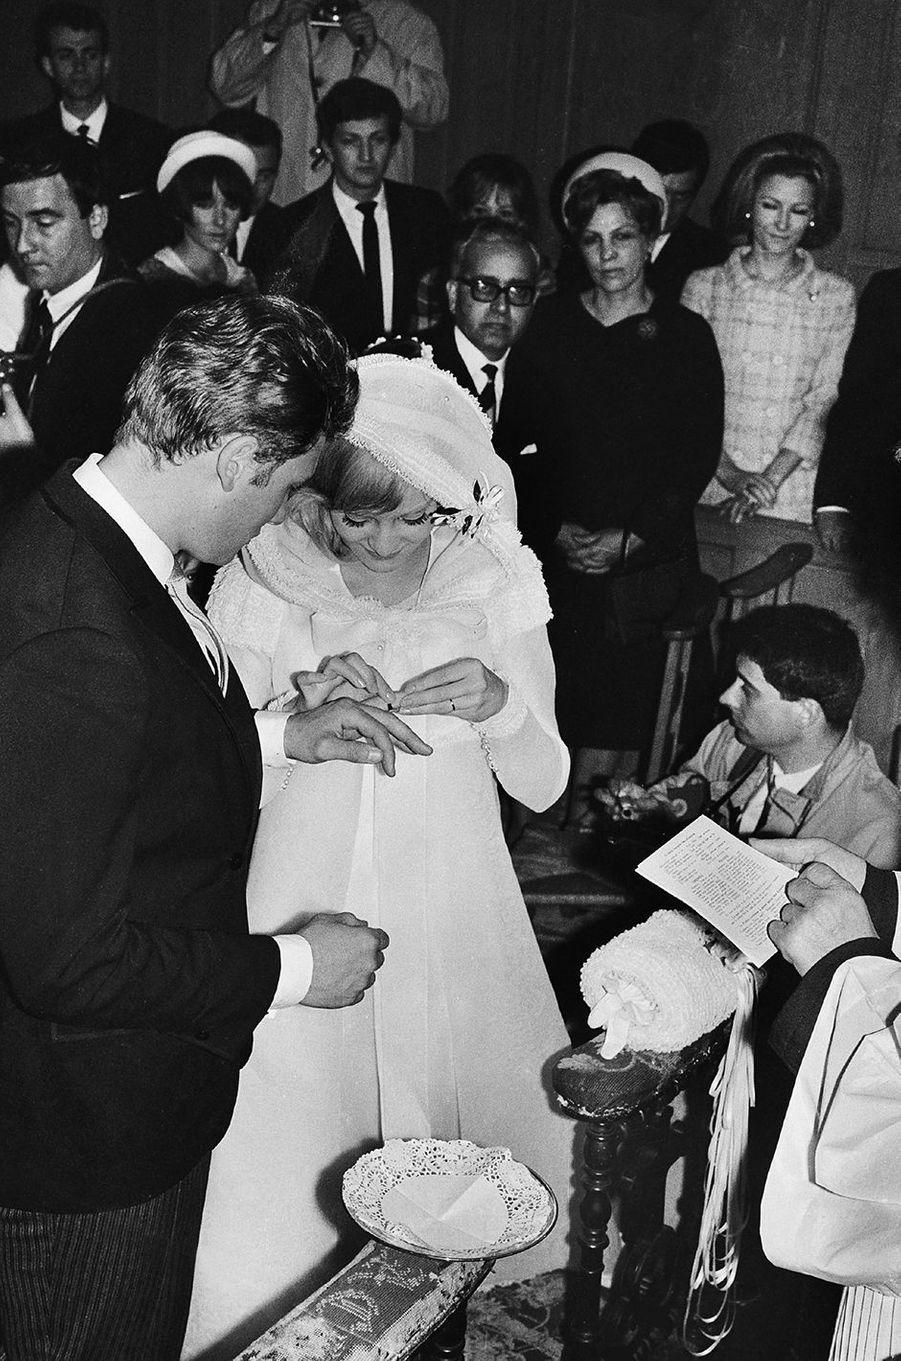 Johnny Hallyday et Sylvie Vartan, le mariage en 1965.